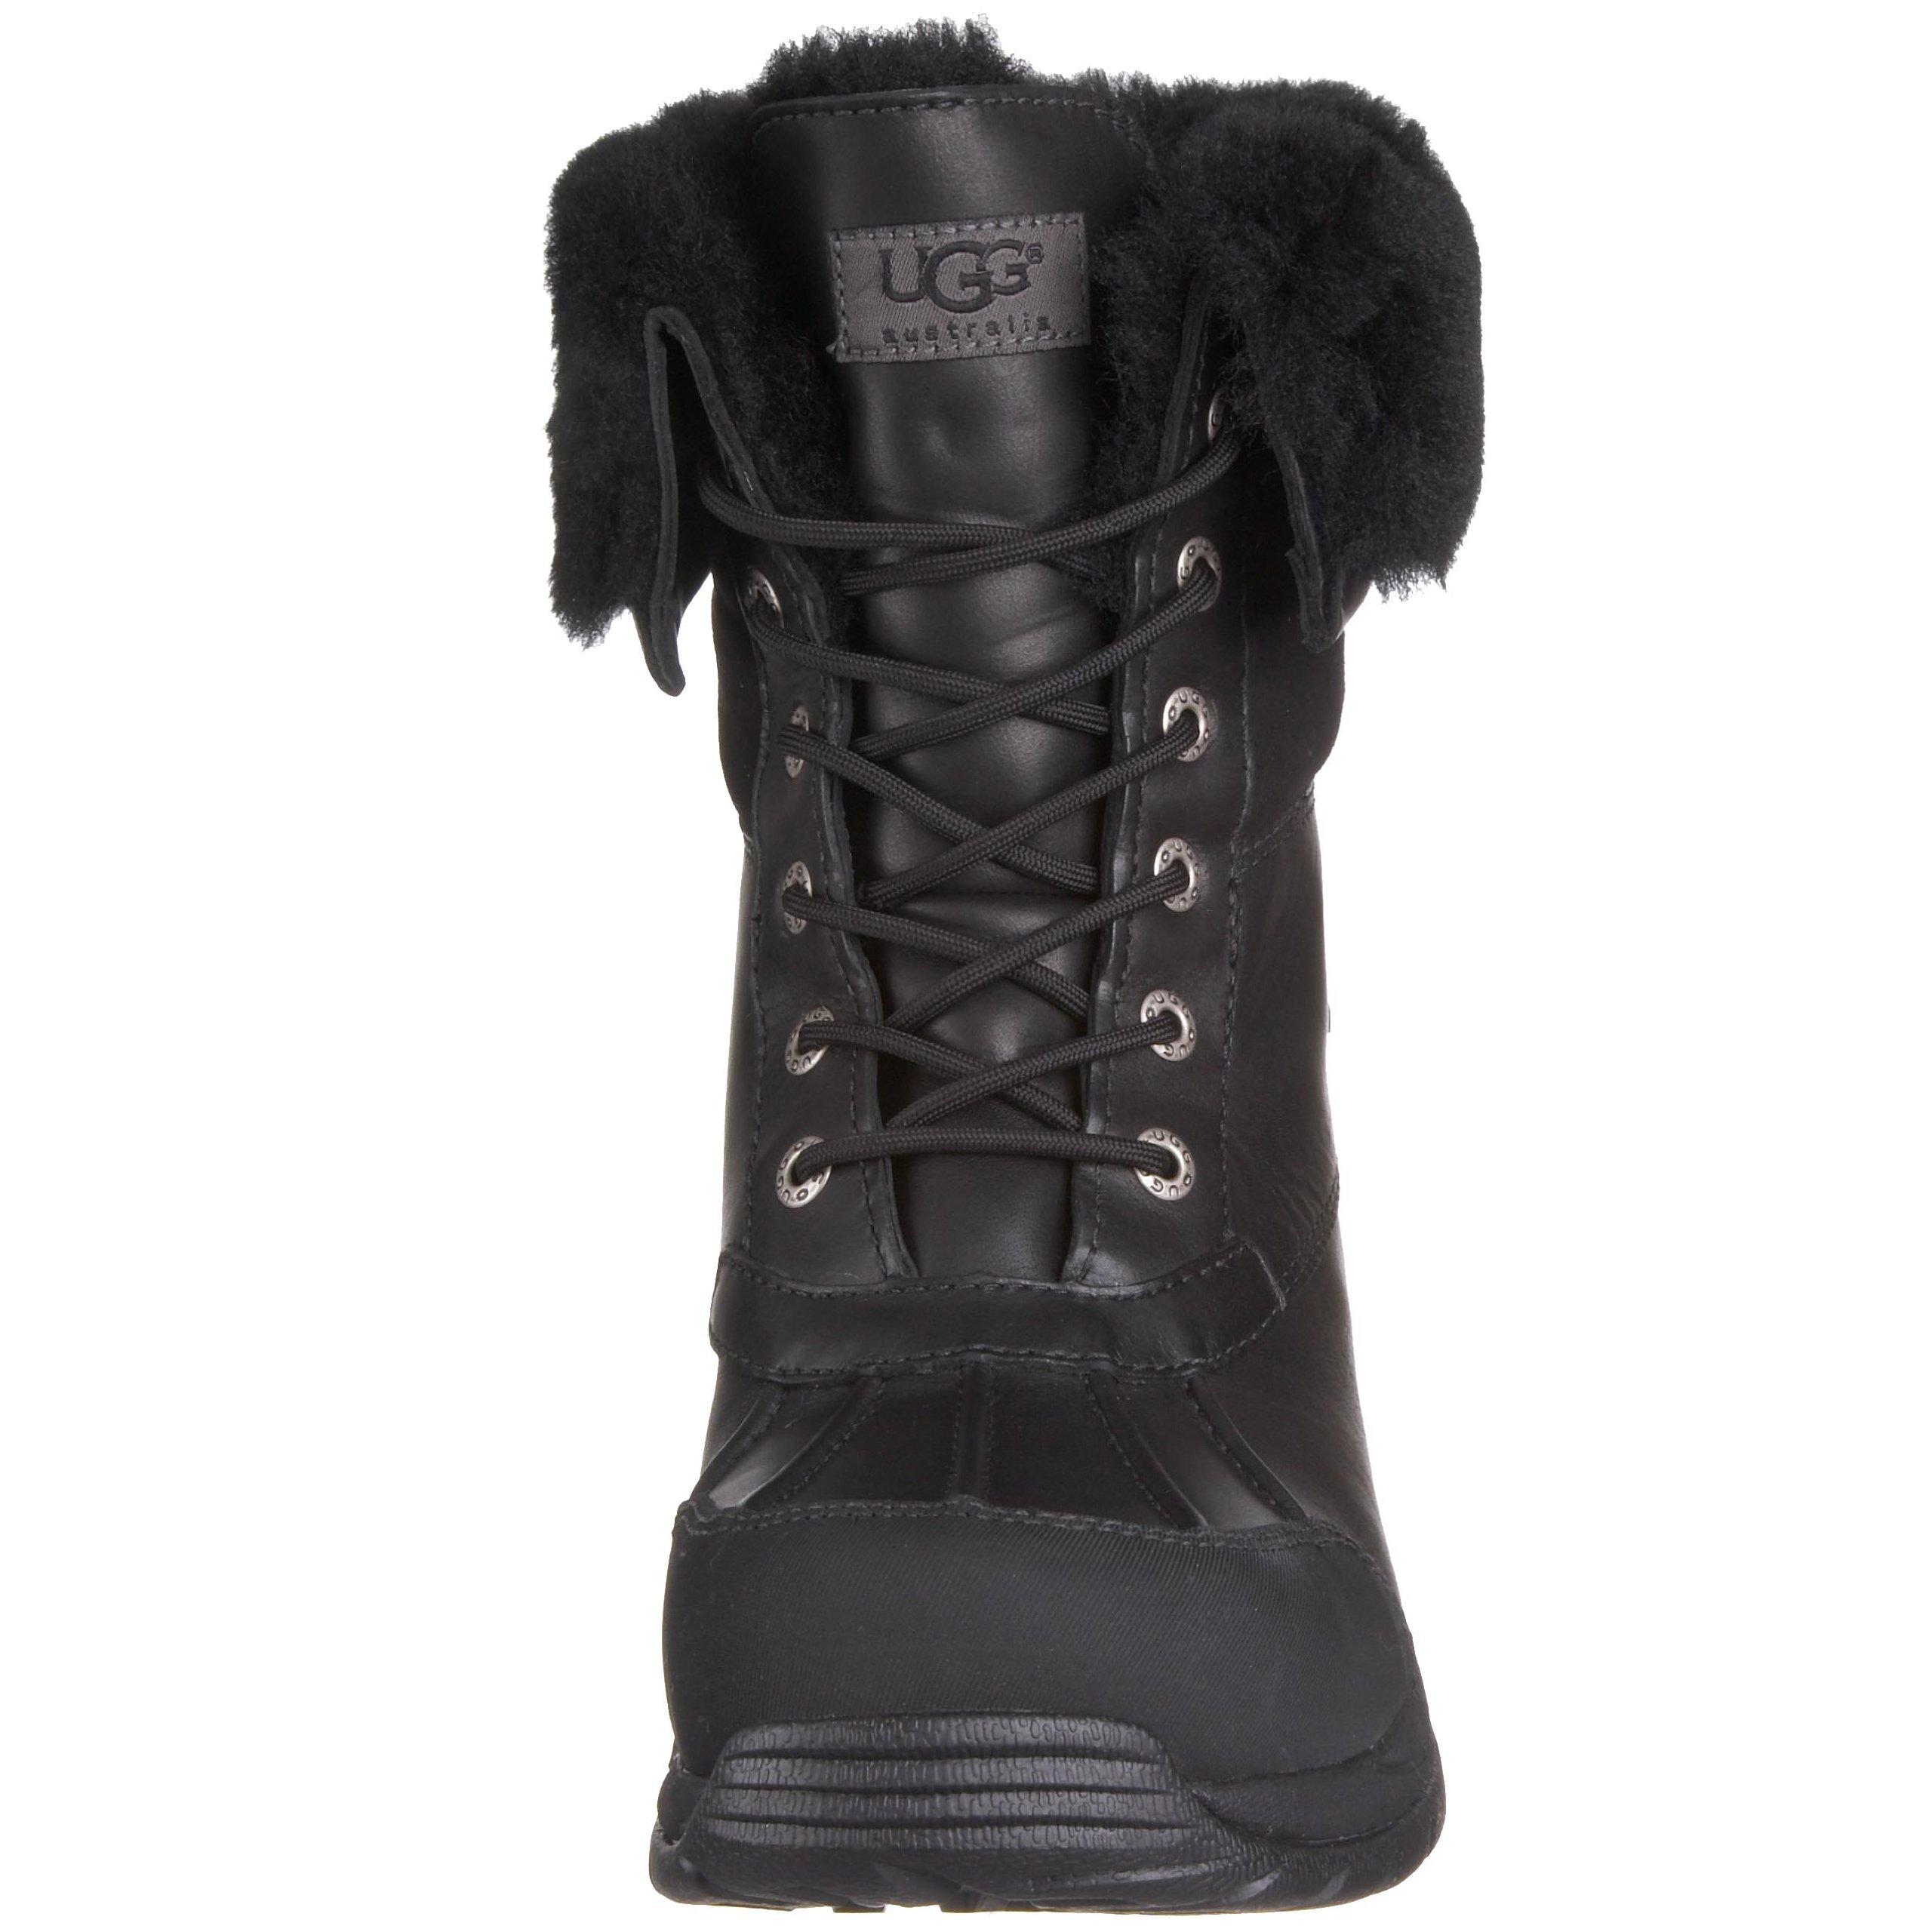 UGG Men's Butte Snow Boot, Black, 11 M US by UGG (Image #4)